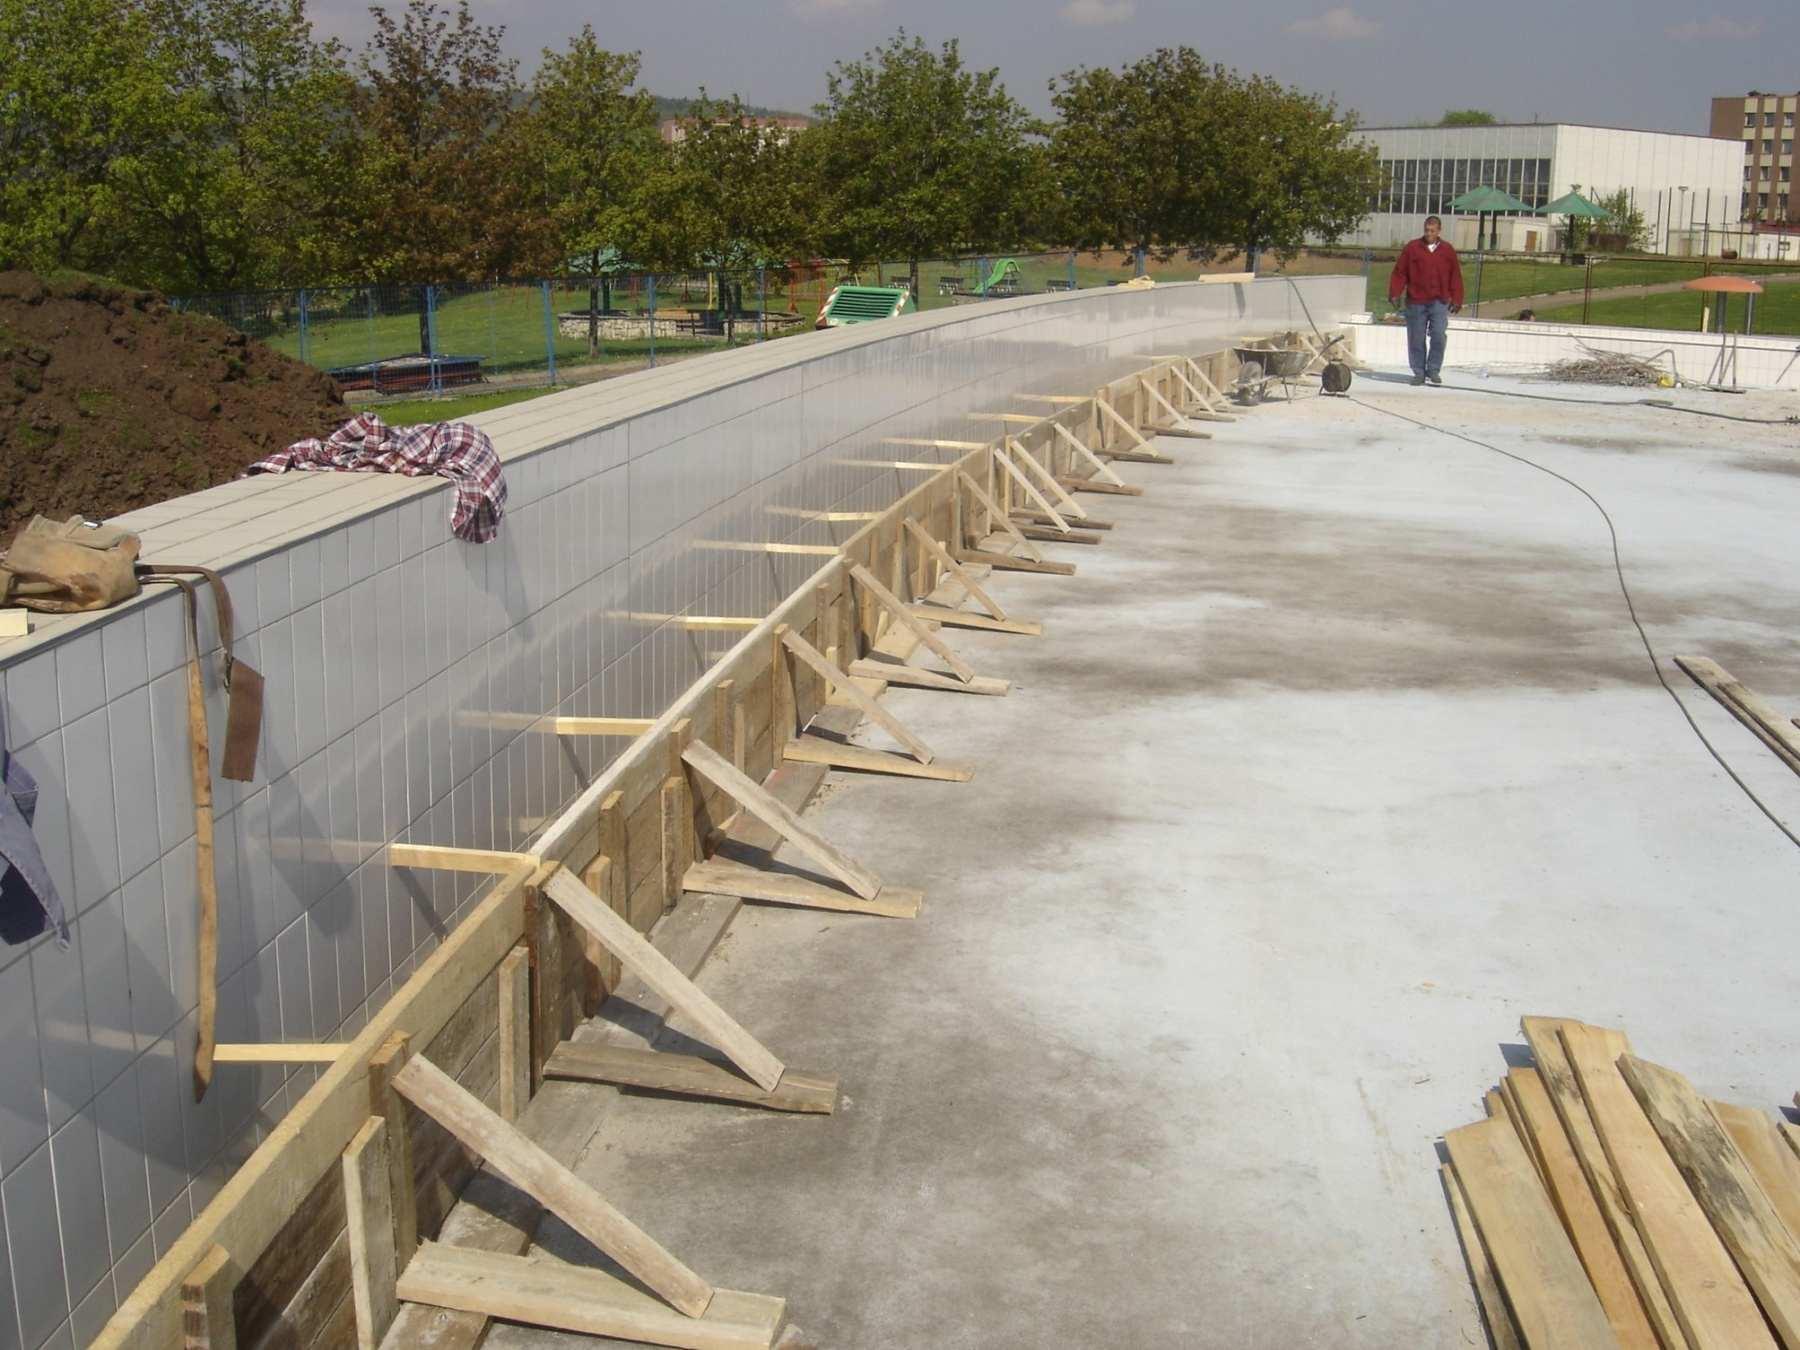 Rekonstrukce koupaliště a bazénových technologií venkovního areálu v Mostech u Jablunkova